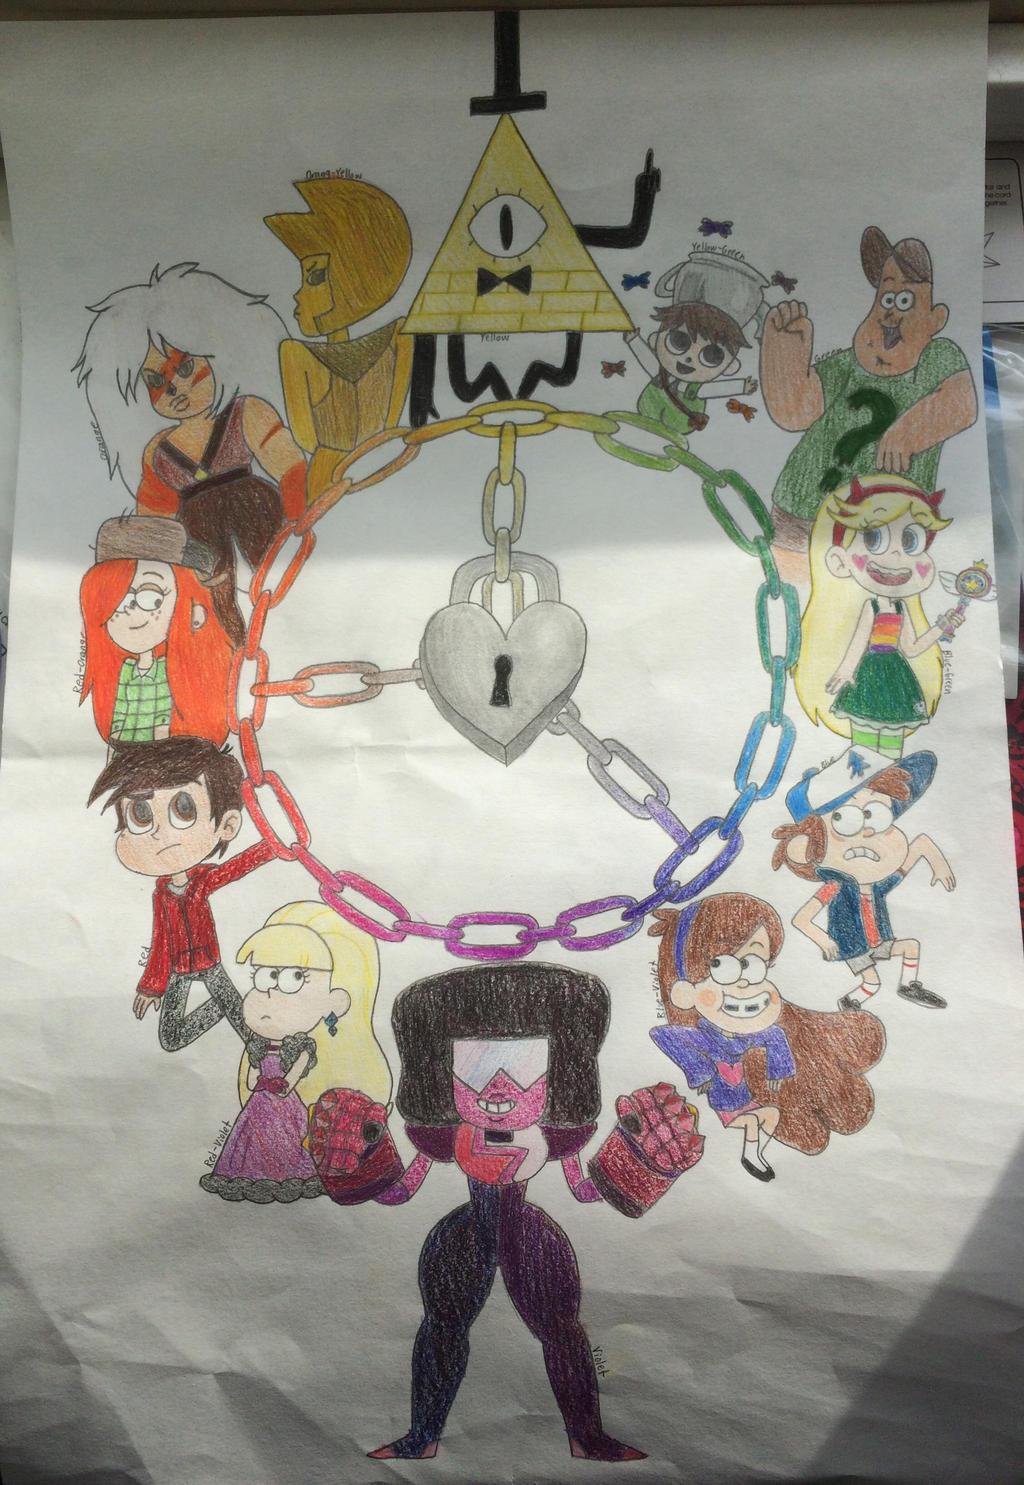 Co color wheel art - Cartoon Color Wheel By Askguingf Cartoon Color Wheel By Askguingf